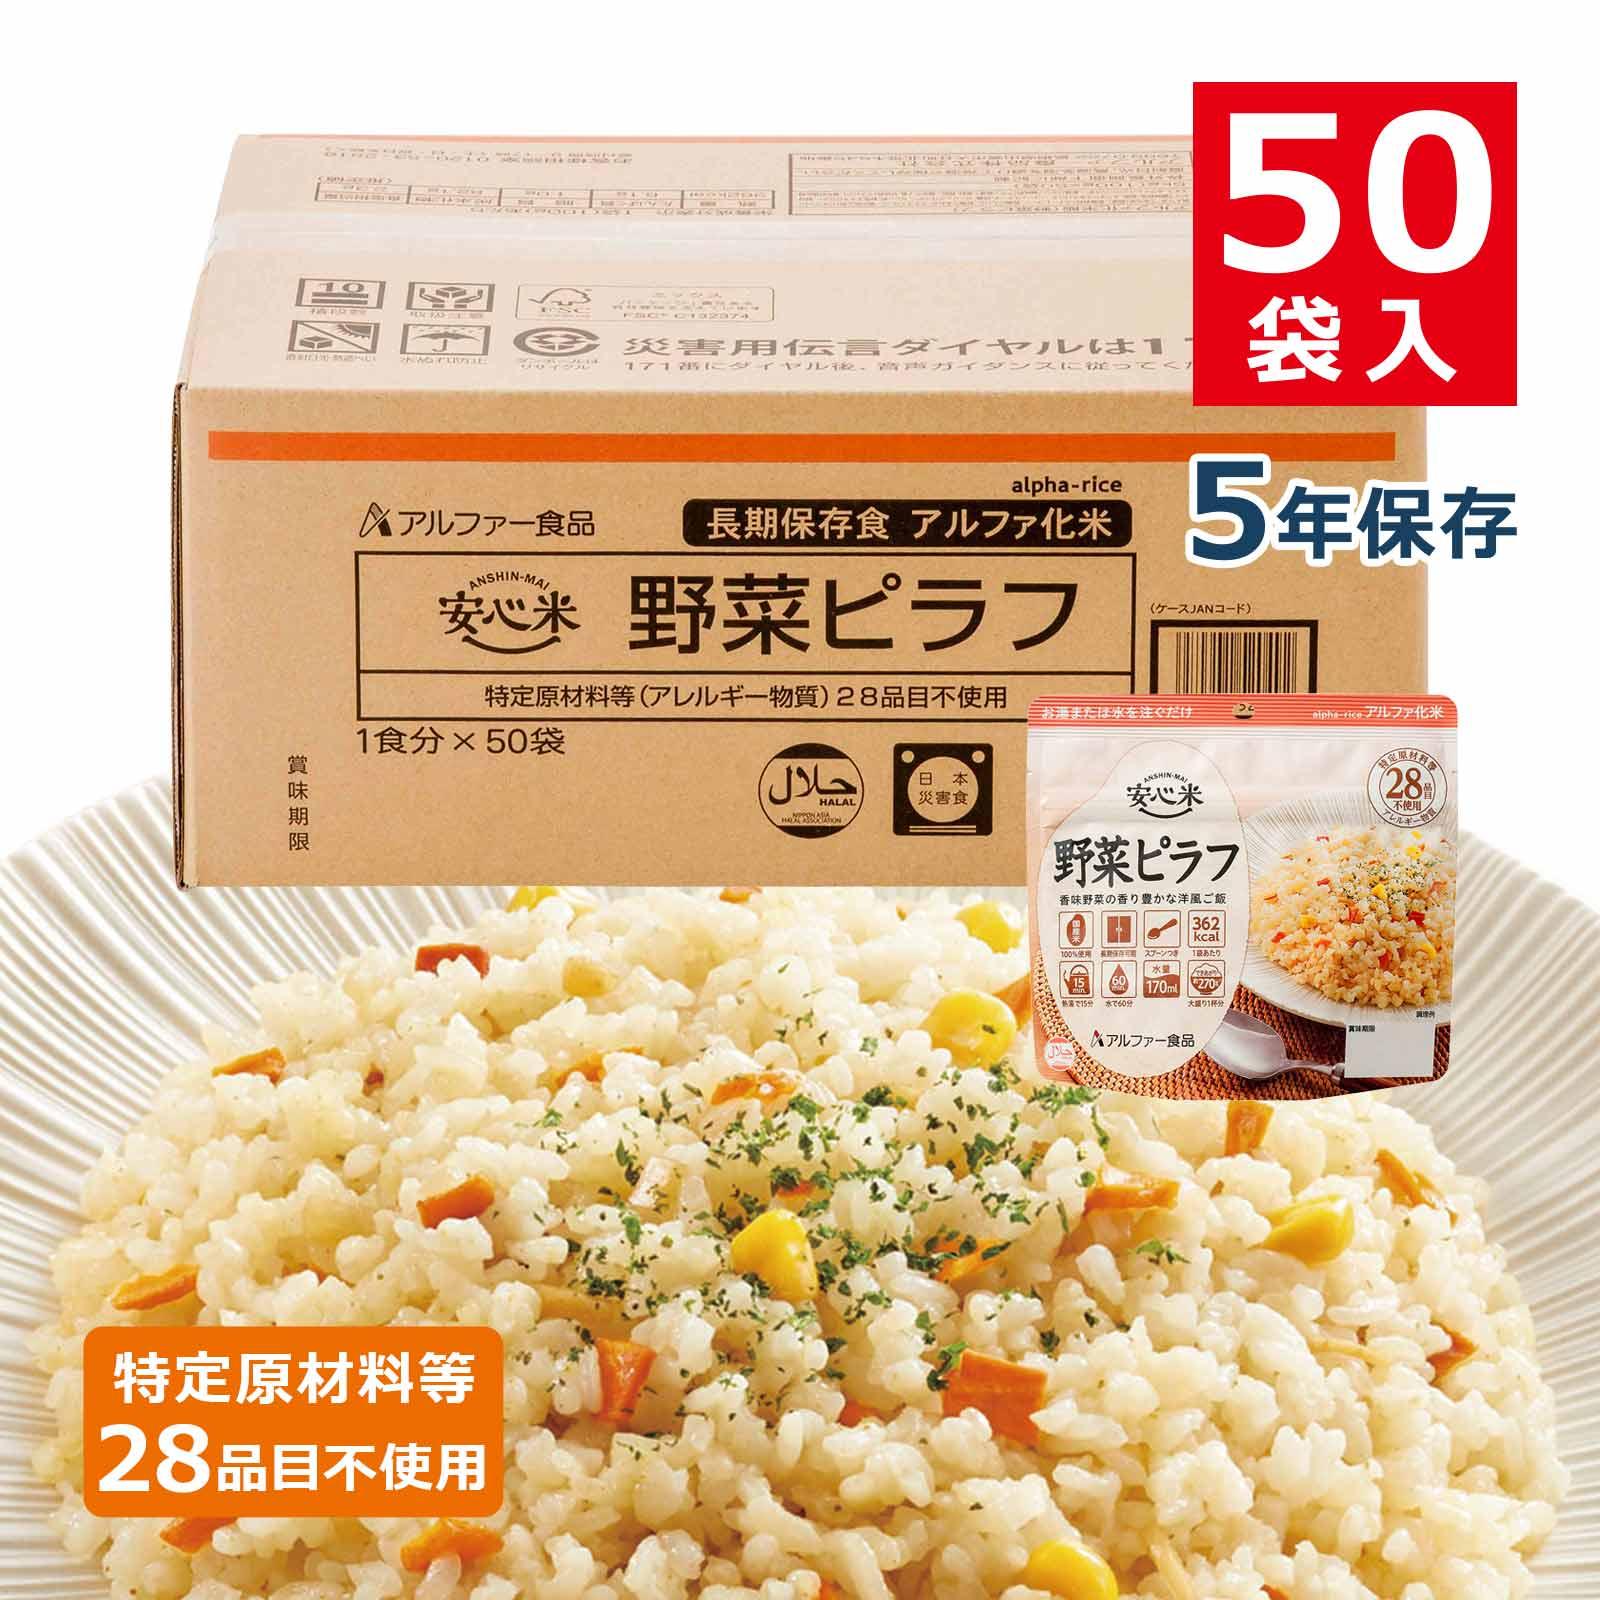 安心米(アルファ化米)個食 野菜ピラフ 50袋入画像